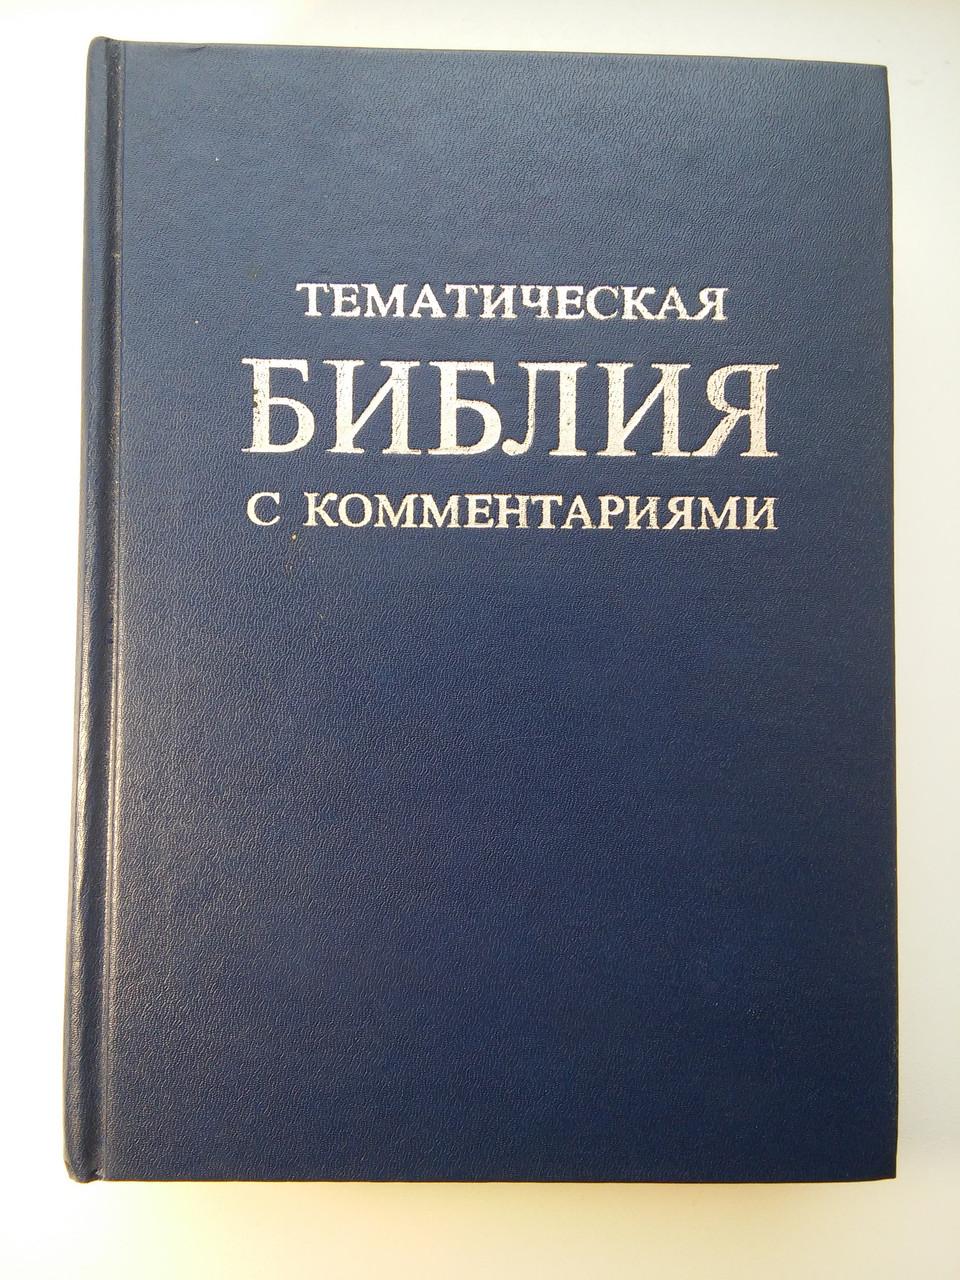 Тематическая Библия с комментариями. Пер. А.А.Коломиец